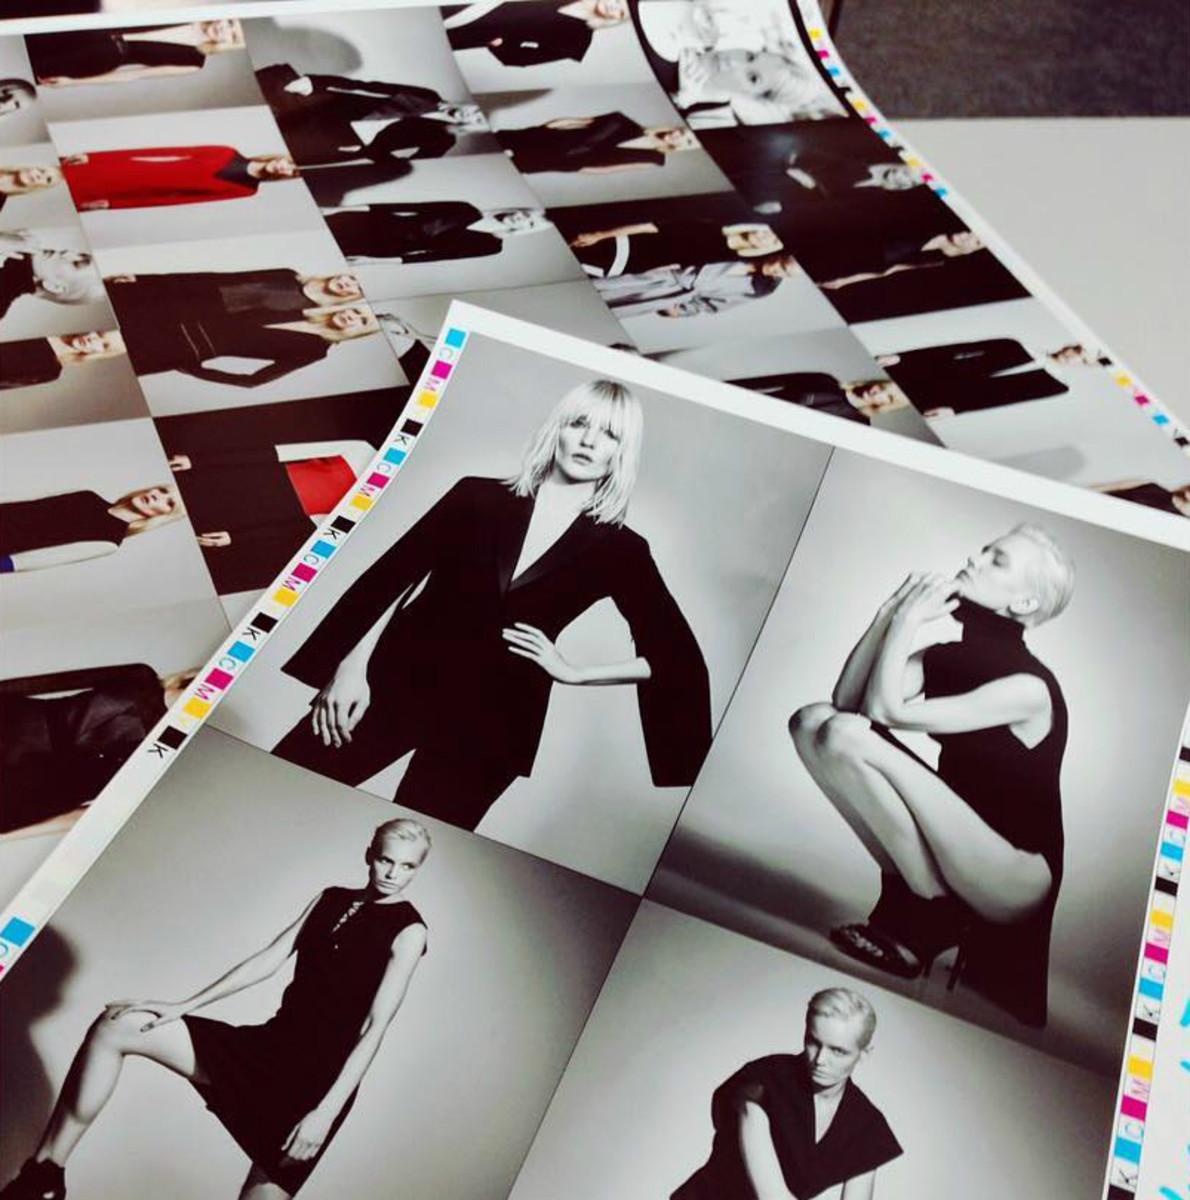 """Images from Vassa & Co.'s fall 2016 lookbook, """"Frame Noir."""" Photo: @vassa_co/Instagram"""